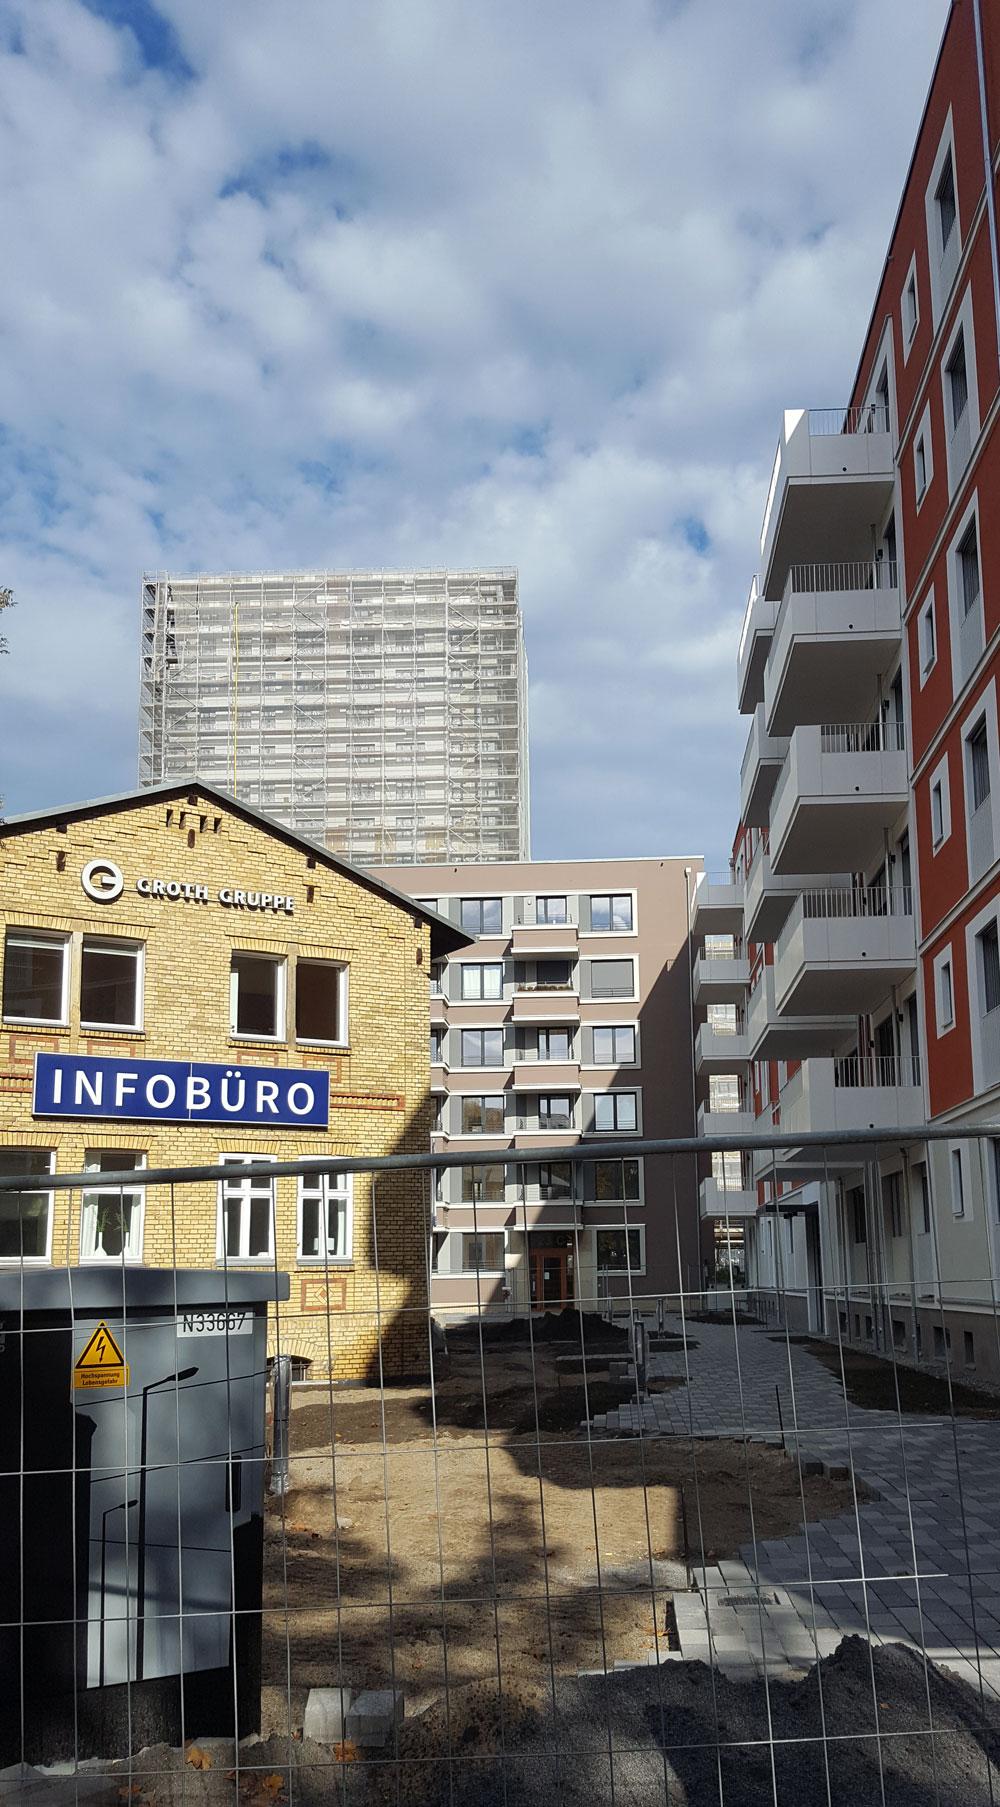 Infobüro der Groth-Gruppe in der Lehrterstraße im Oktober 2019